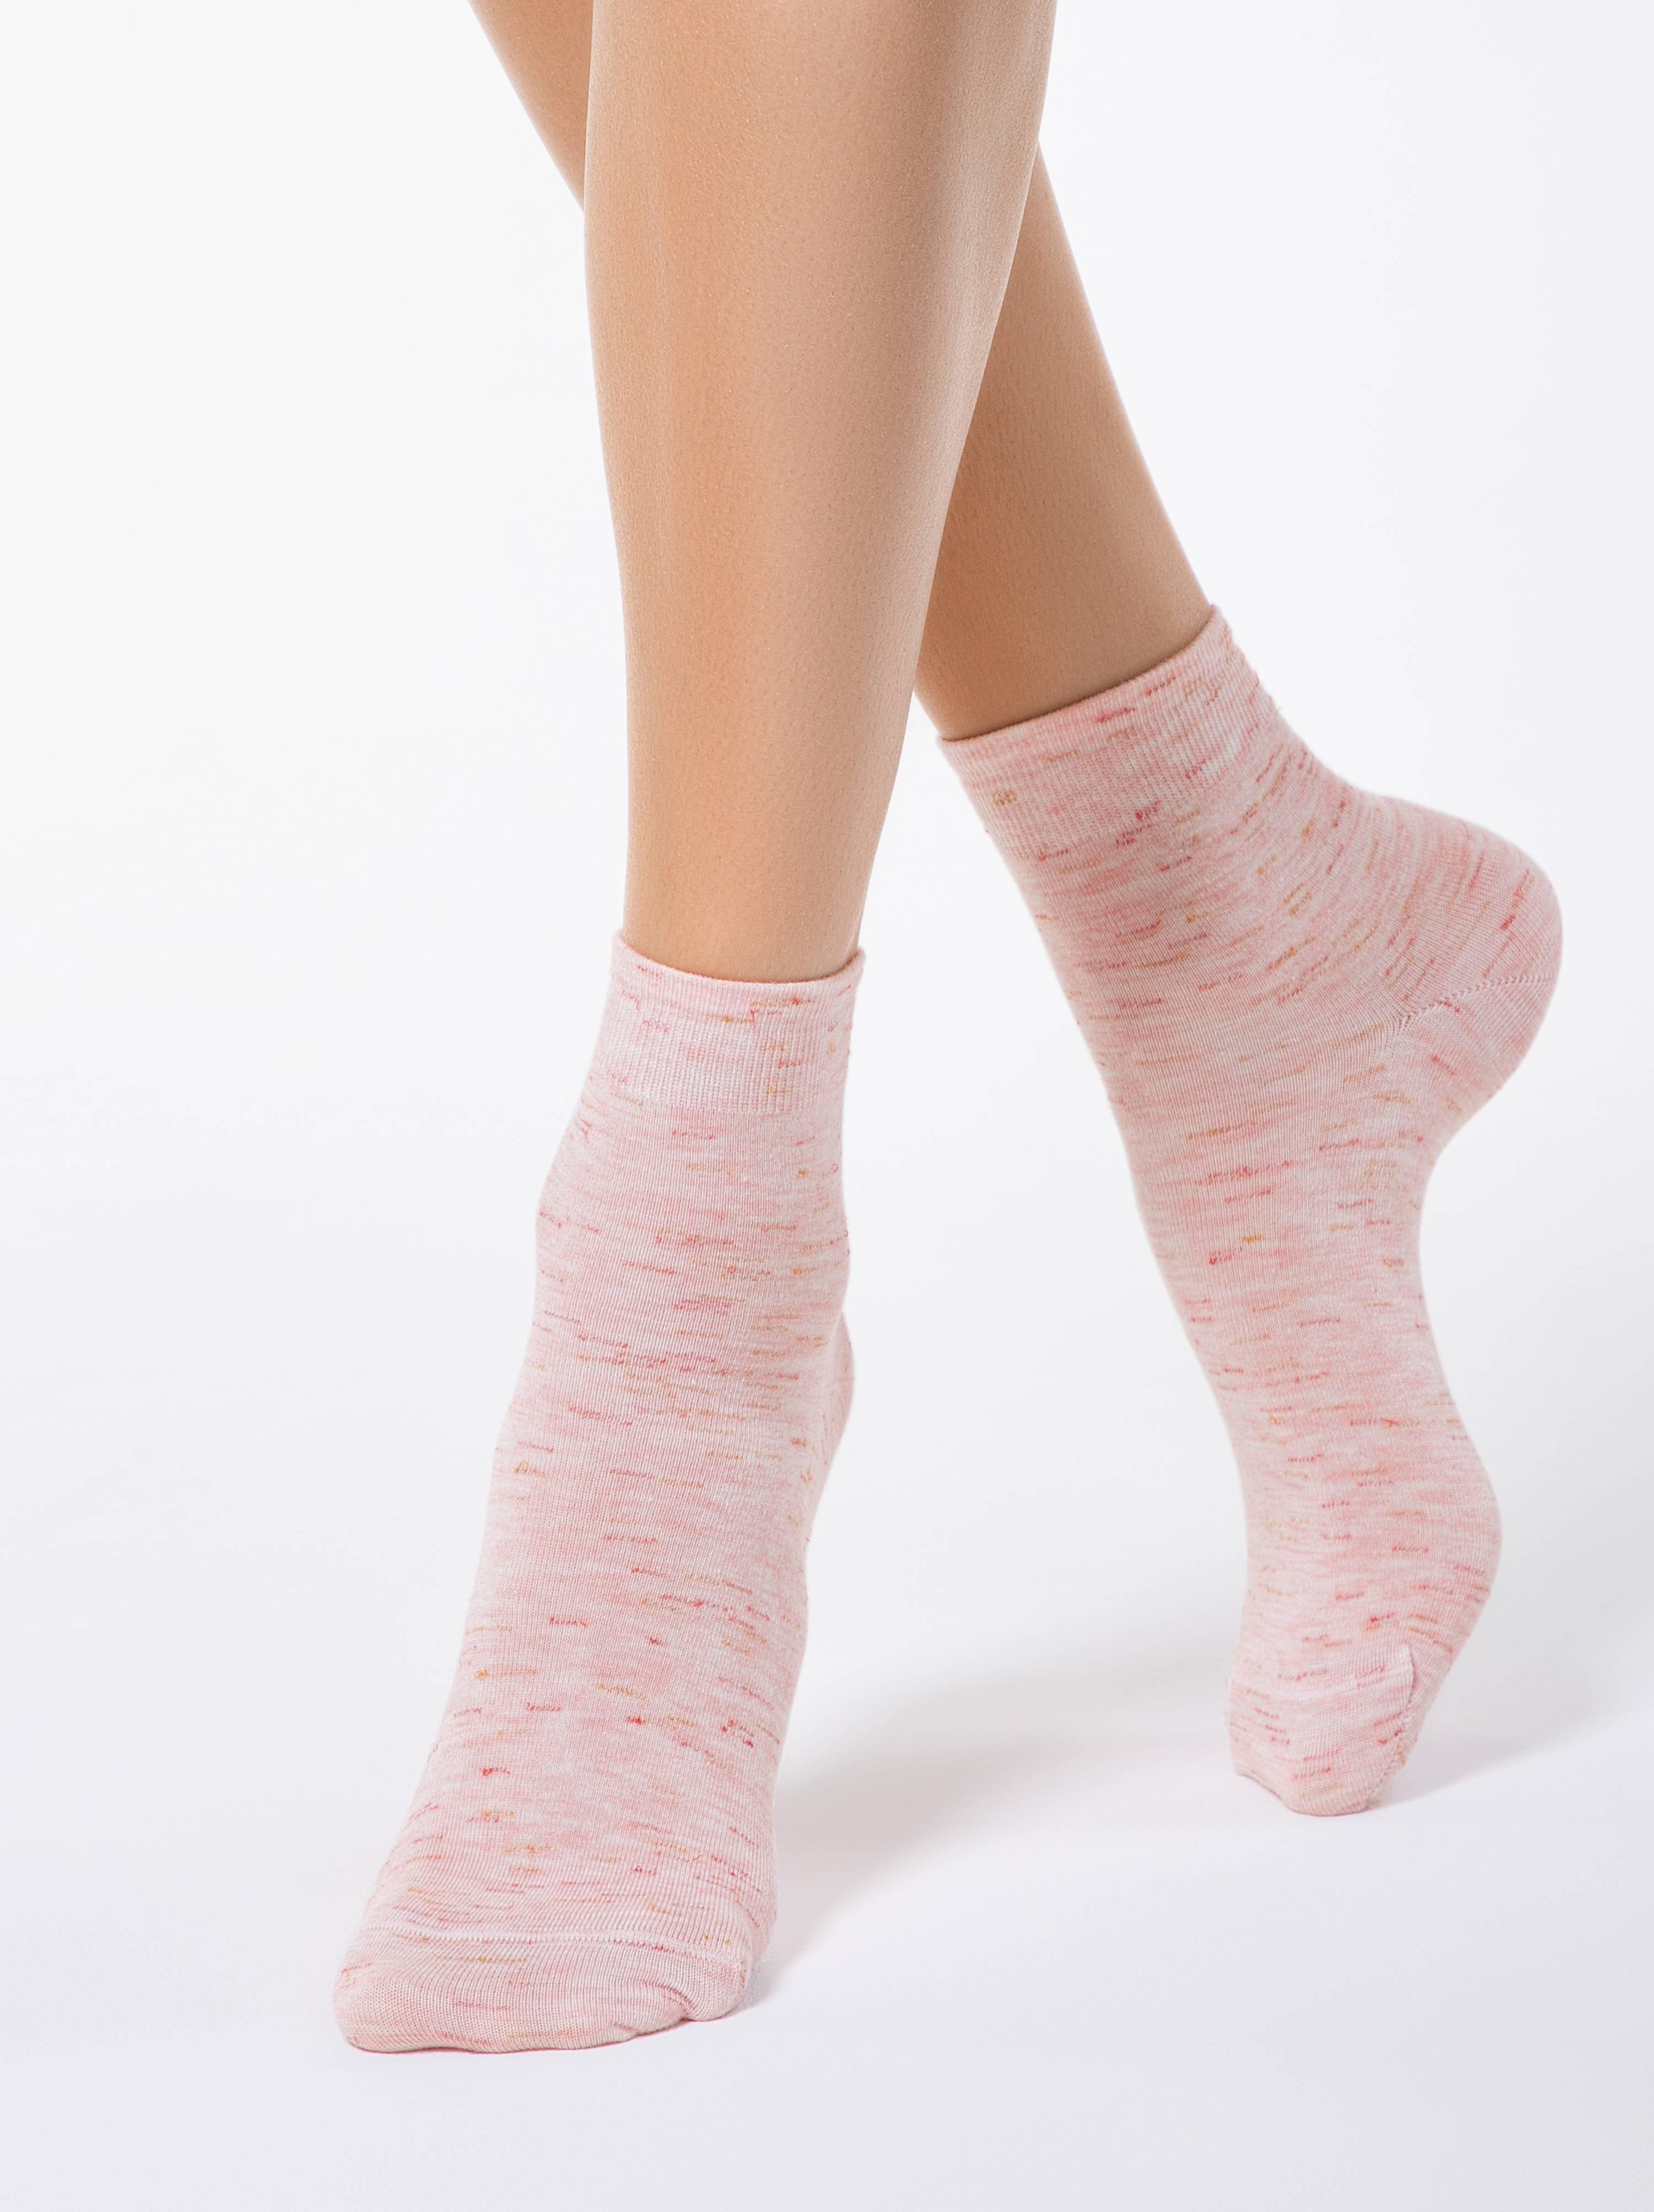 Носки вискозные женские ⭐️ Меланжевые носки COMFORT ⭐️